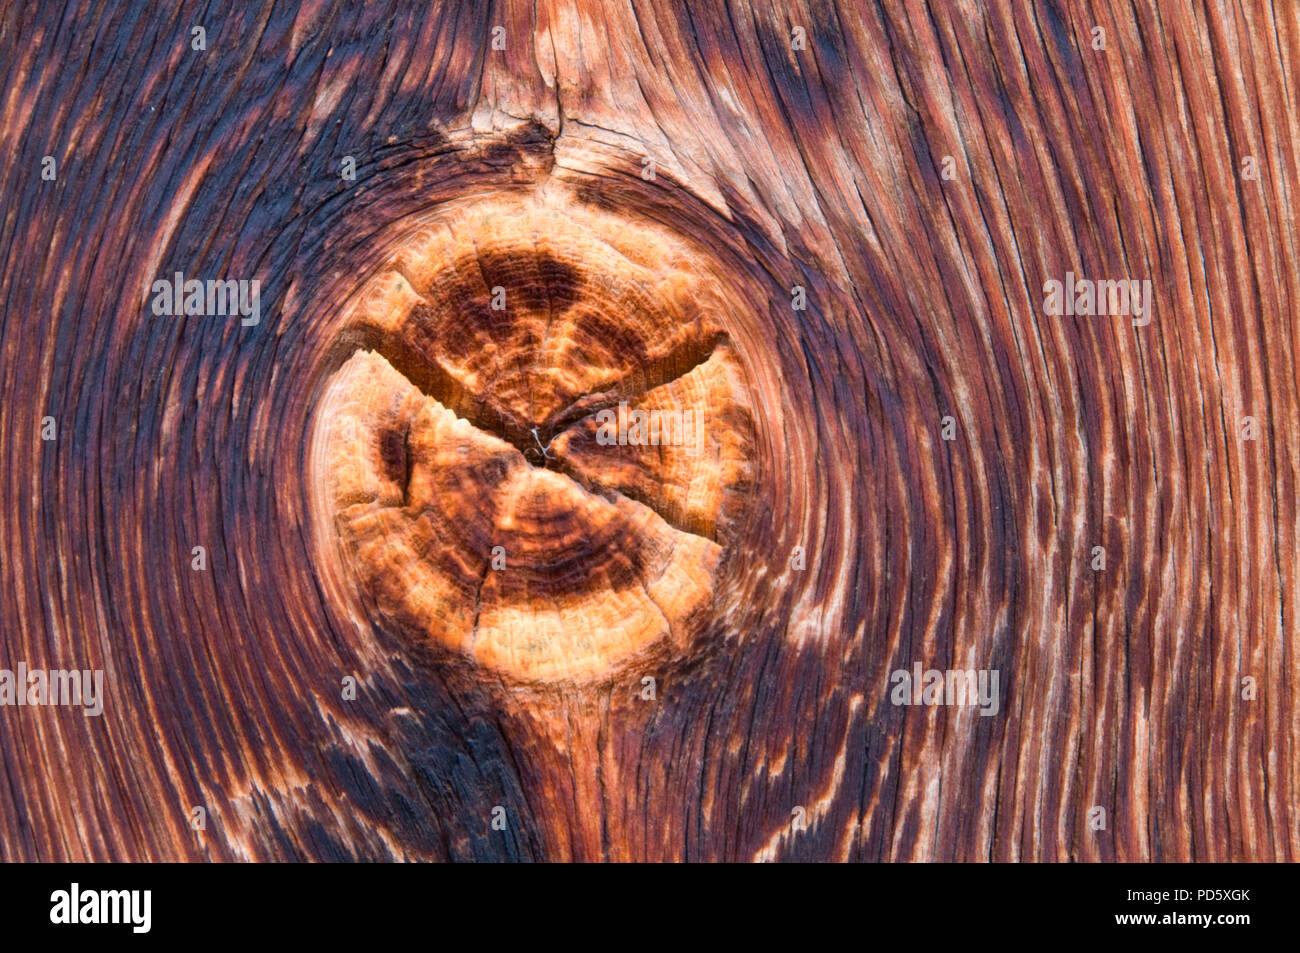 Barn wood knot, Juniper Hills Preserve, Oregon - Stock Image